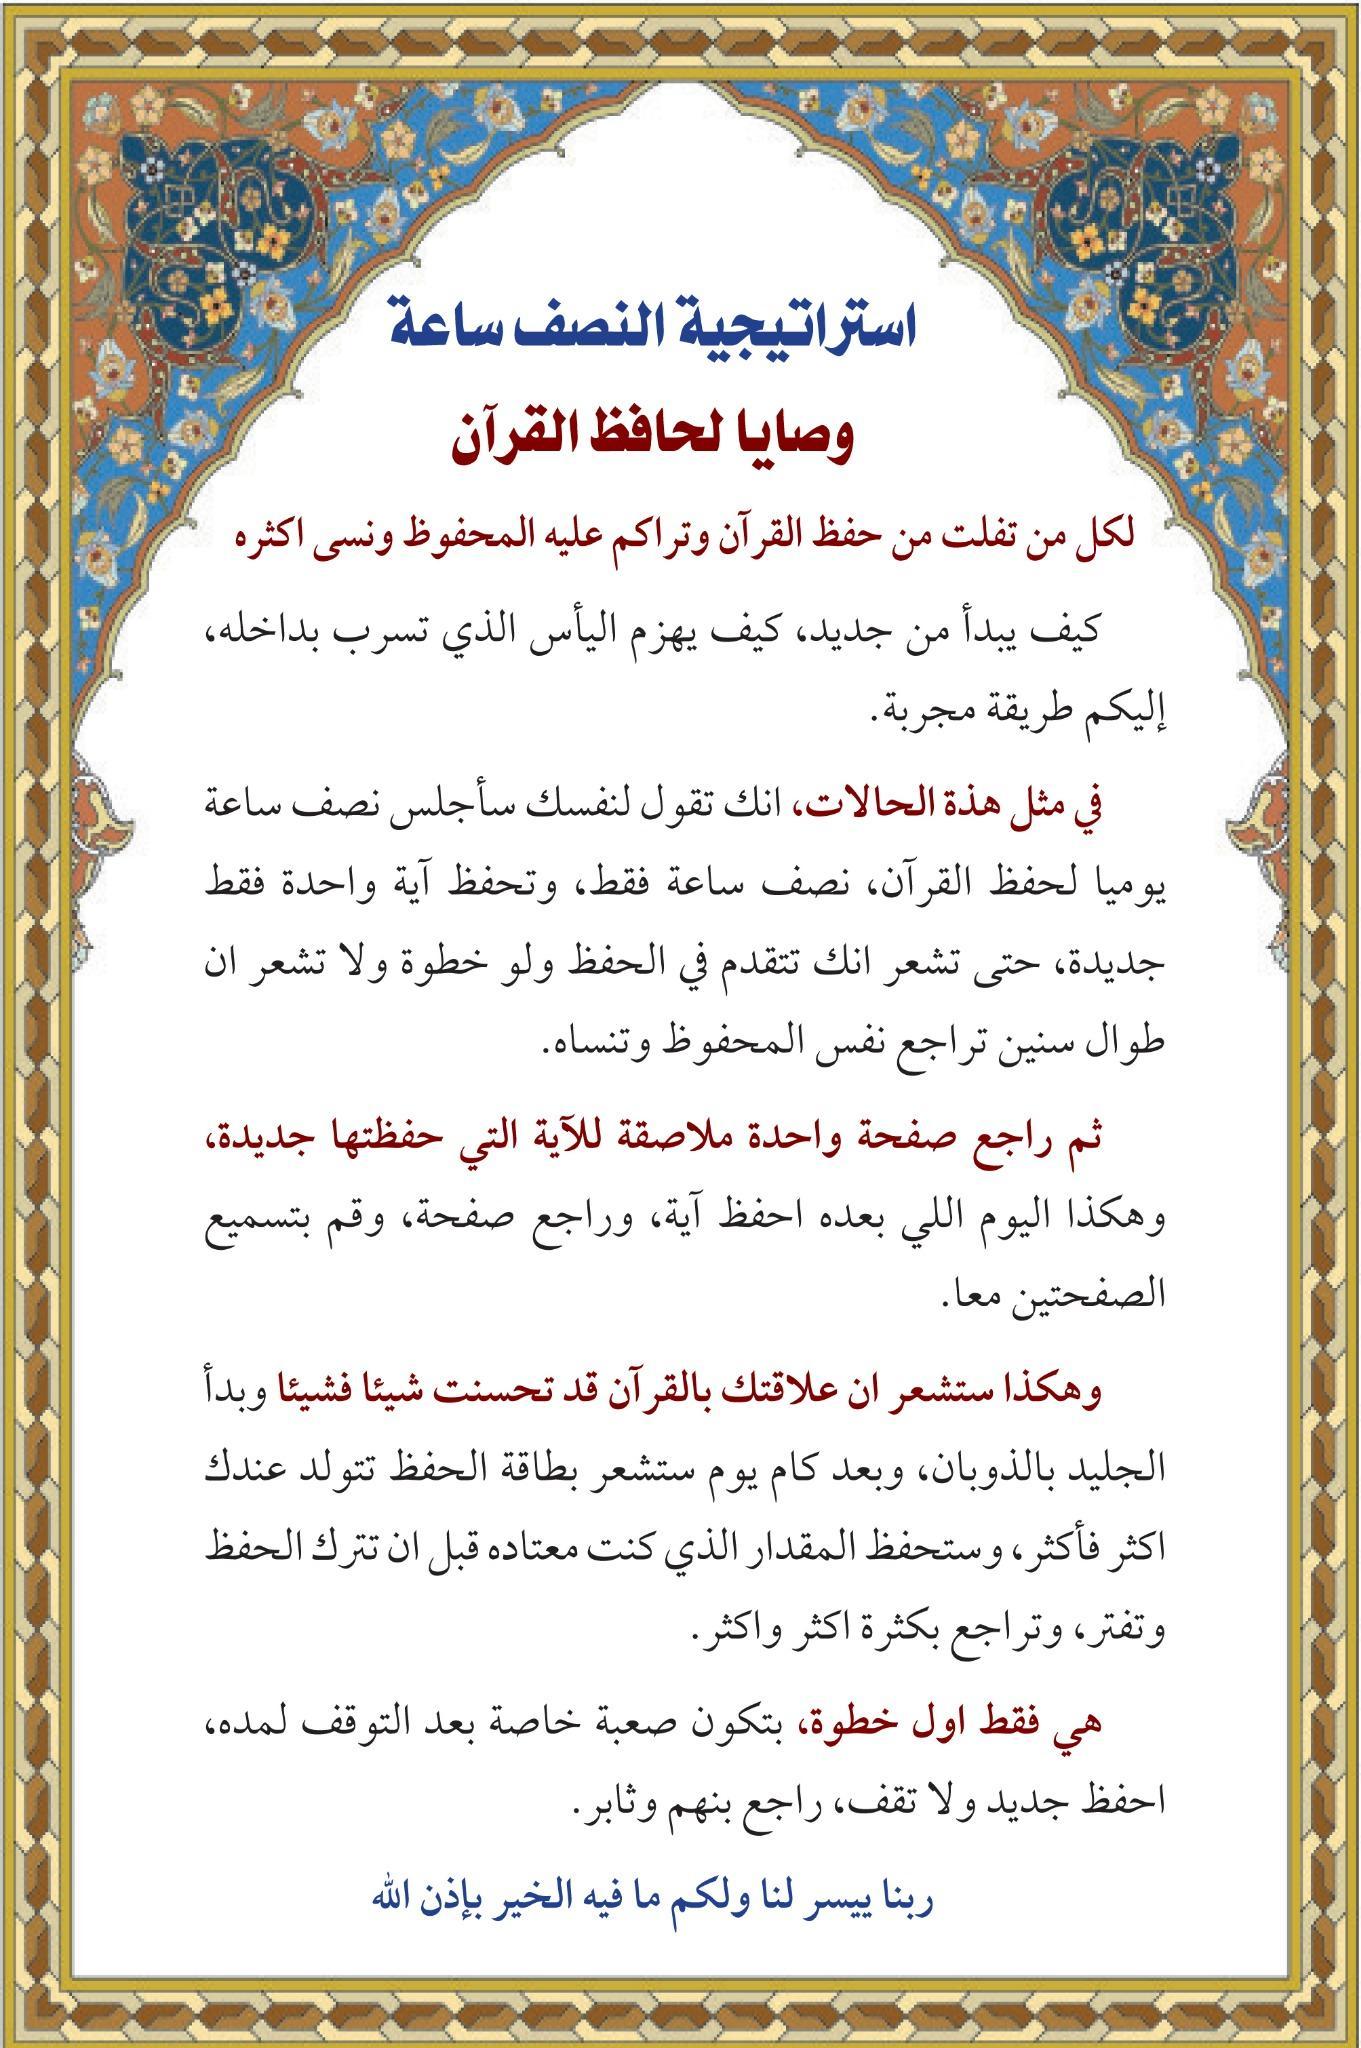 تجربتي القرآن Bv-bF_1CAAAknKQ.jpg:large